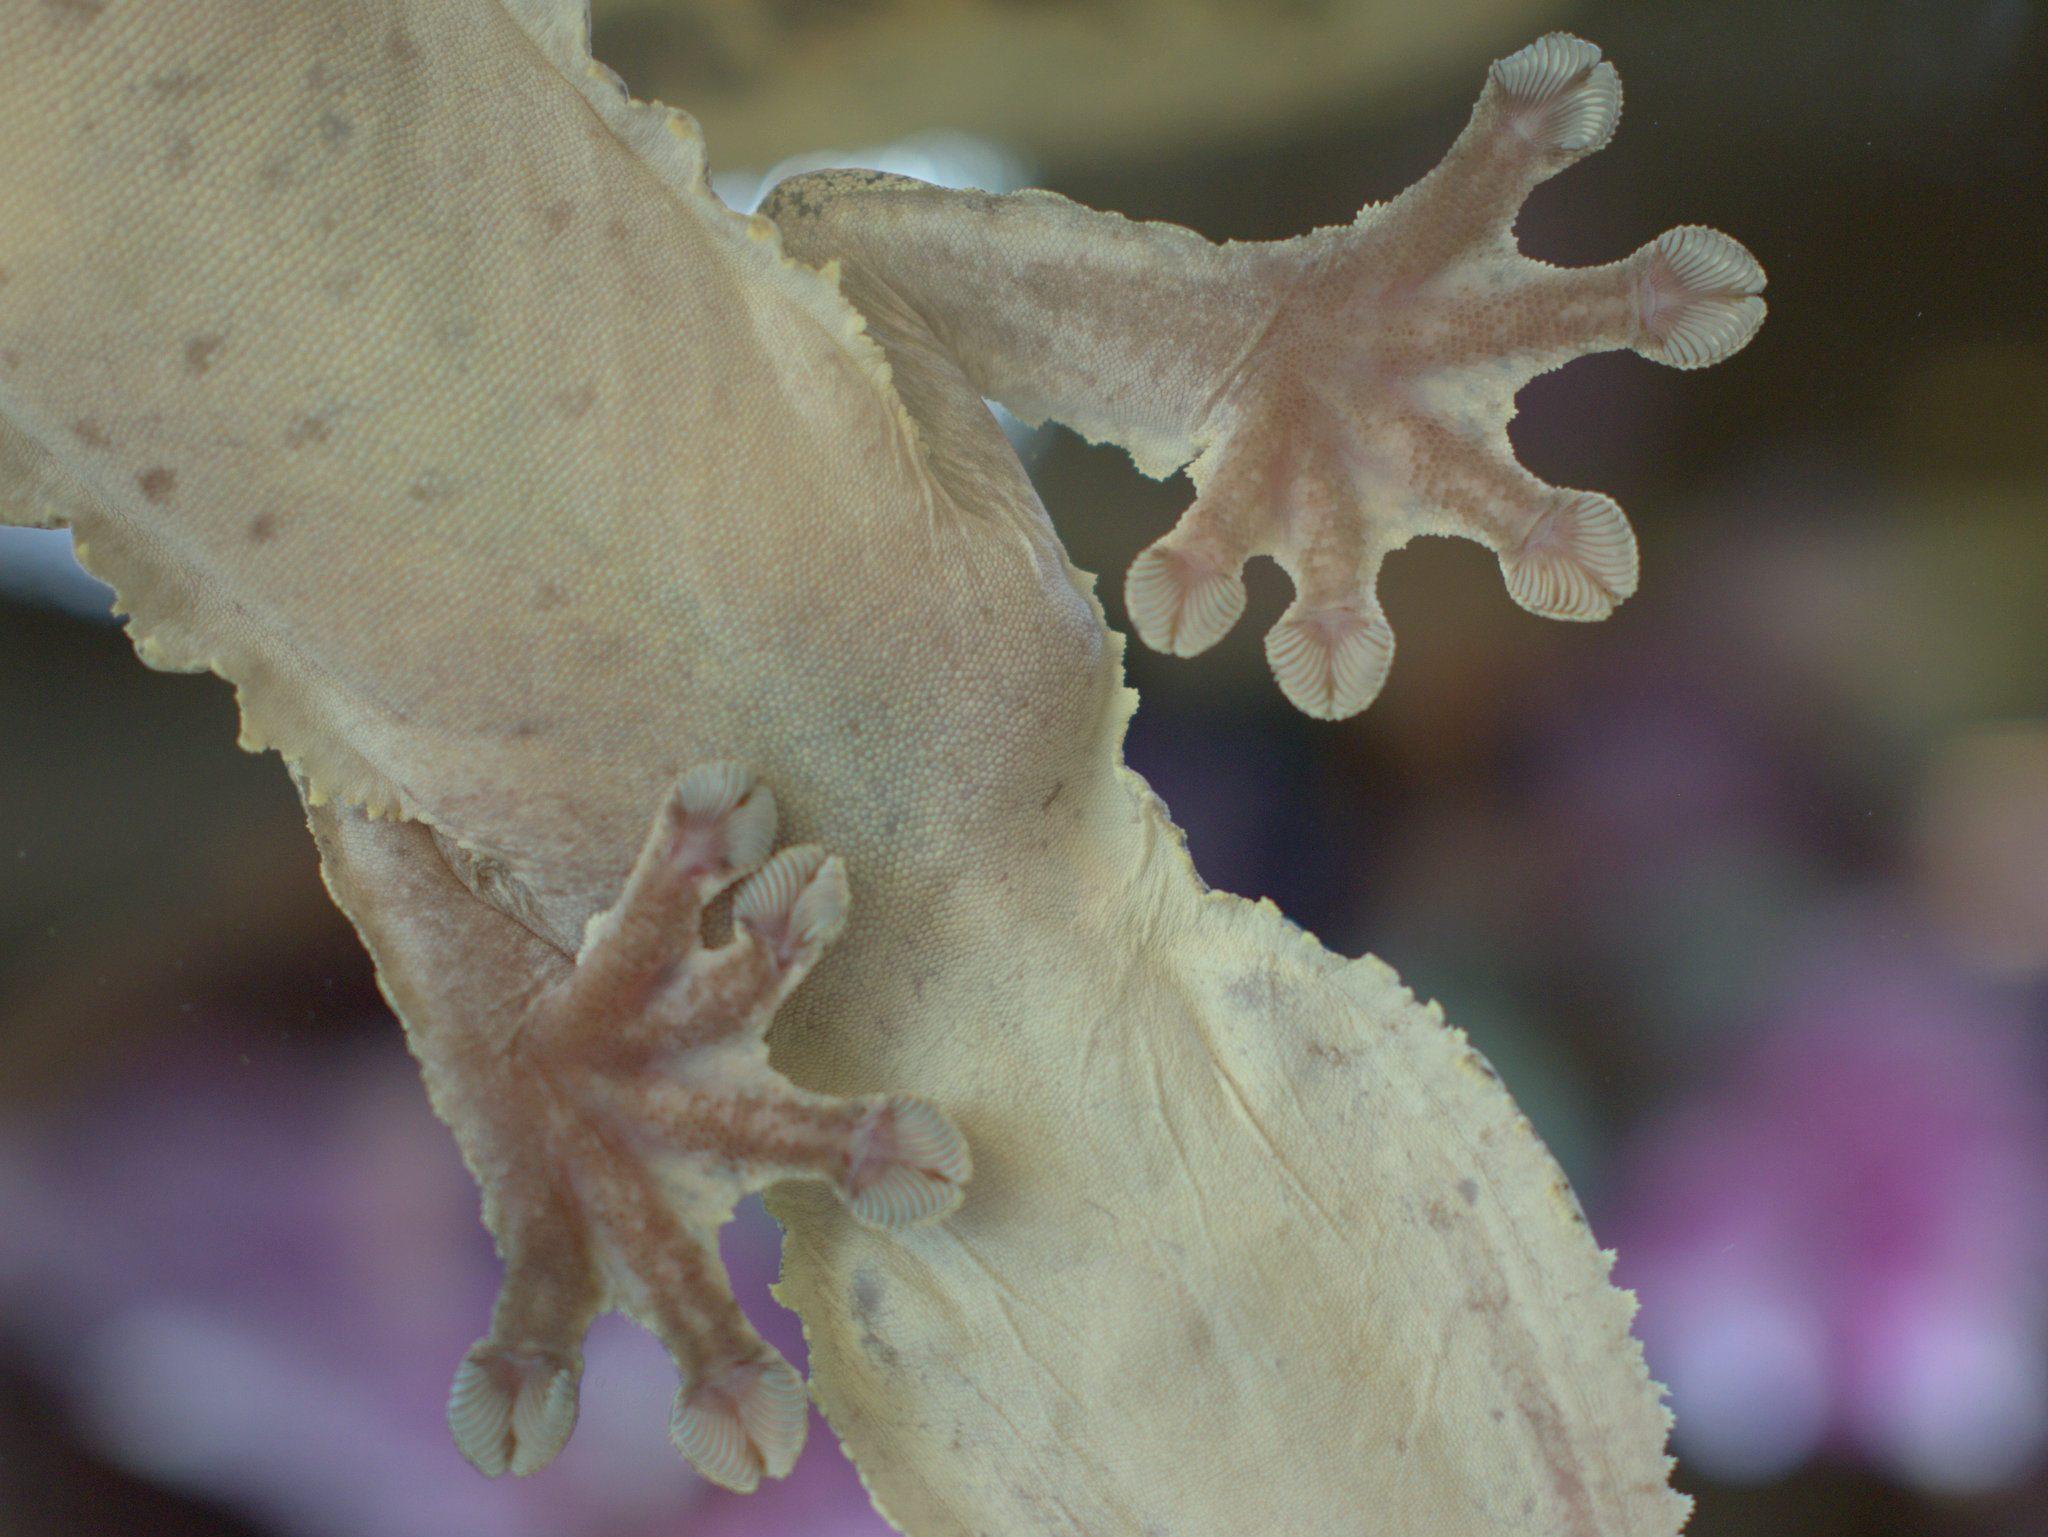 Der Plattschwanzgecko klebt meistens an der Scheibe. Guckt Euch mal die Haft-Füßchen an!